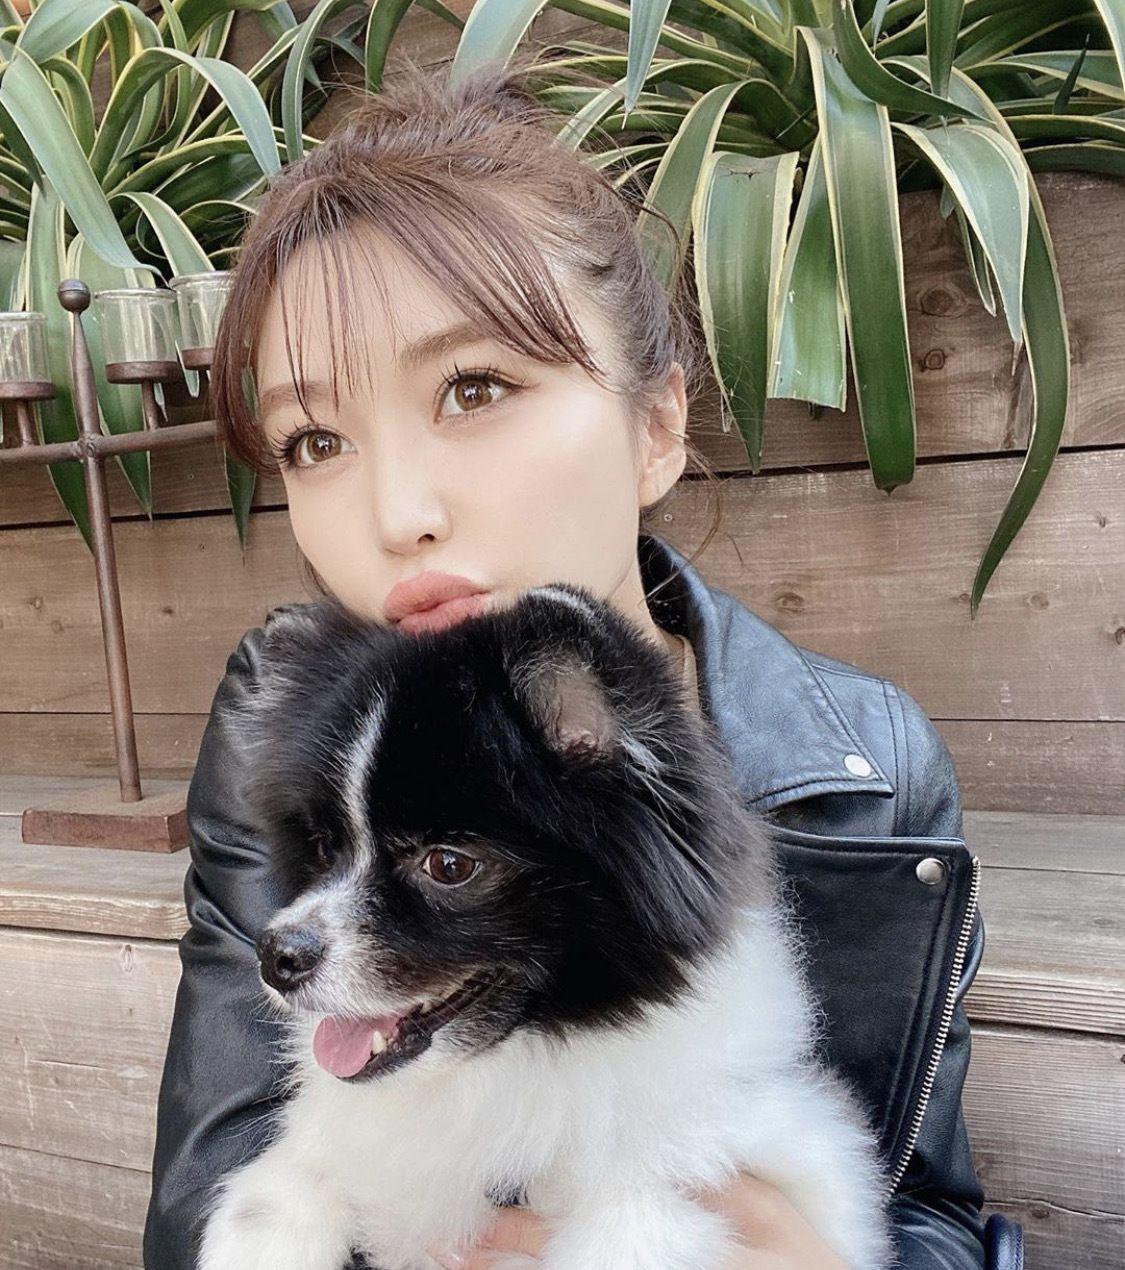 时尚名模和自己的爱犬一起拍摄写真,意境很美